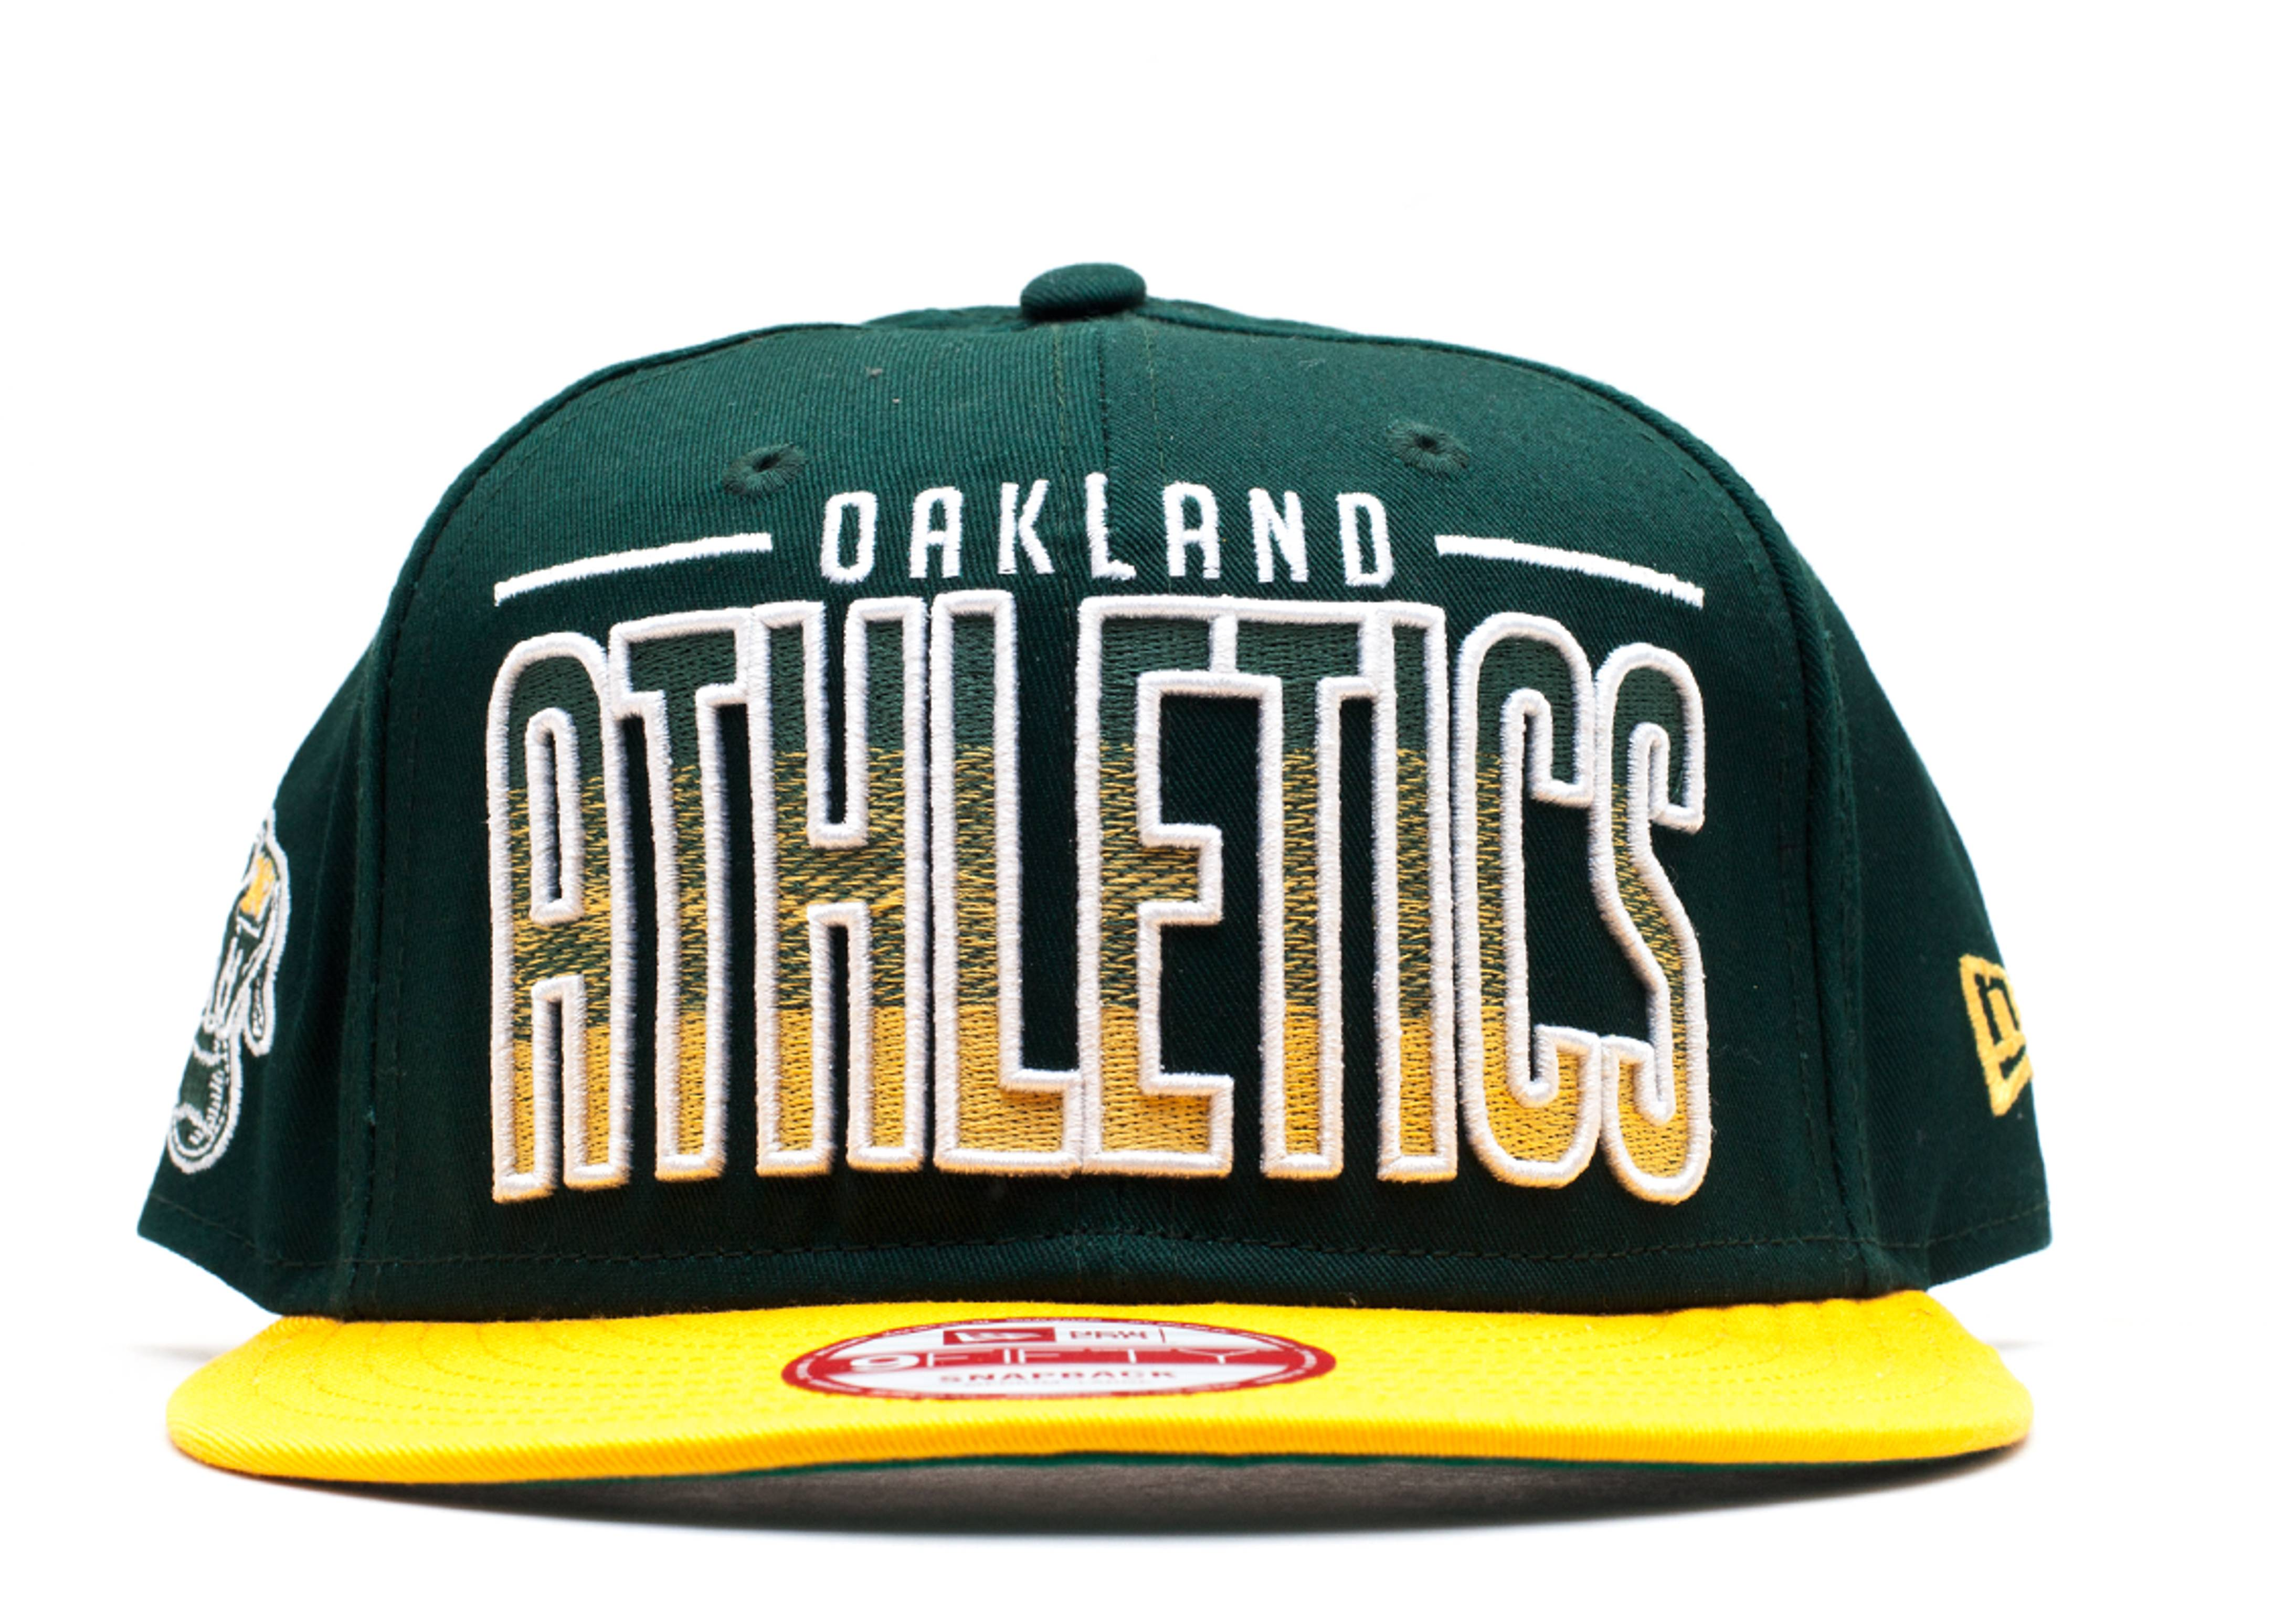 okland athletics snap-back